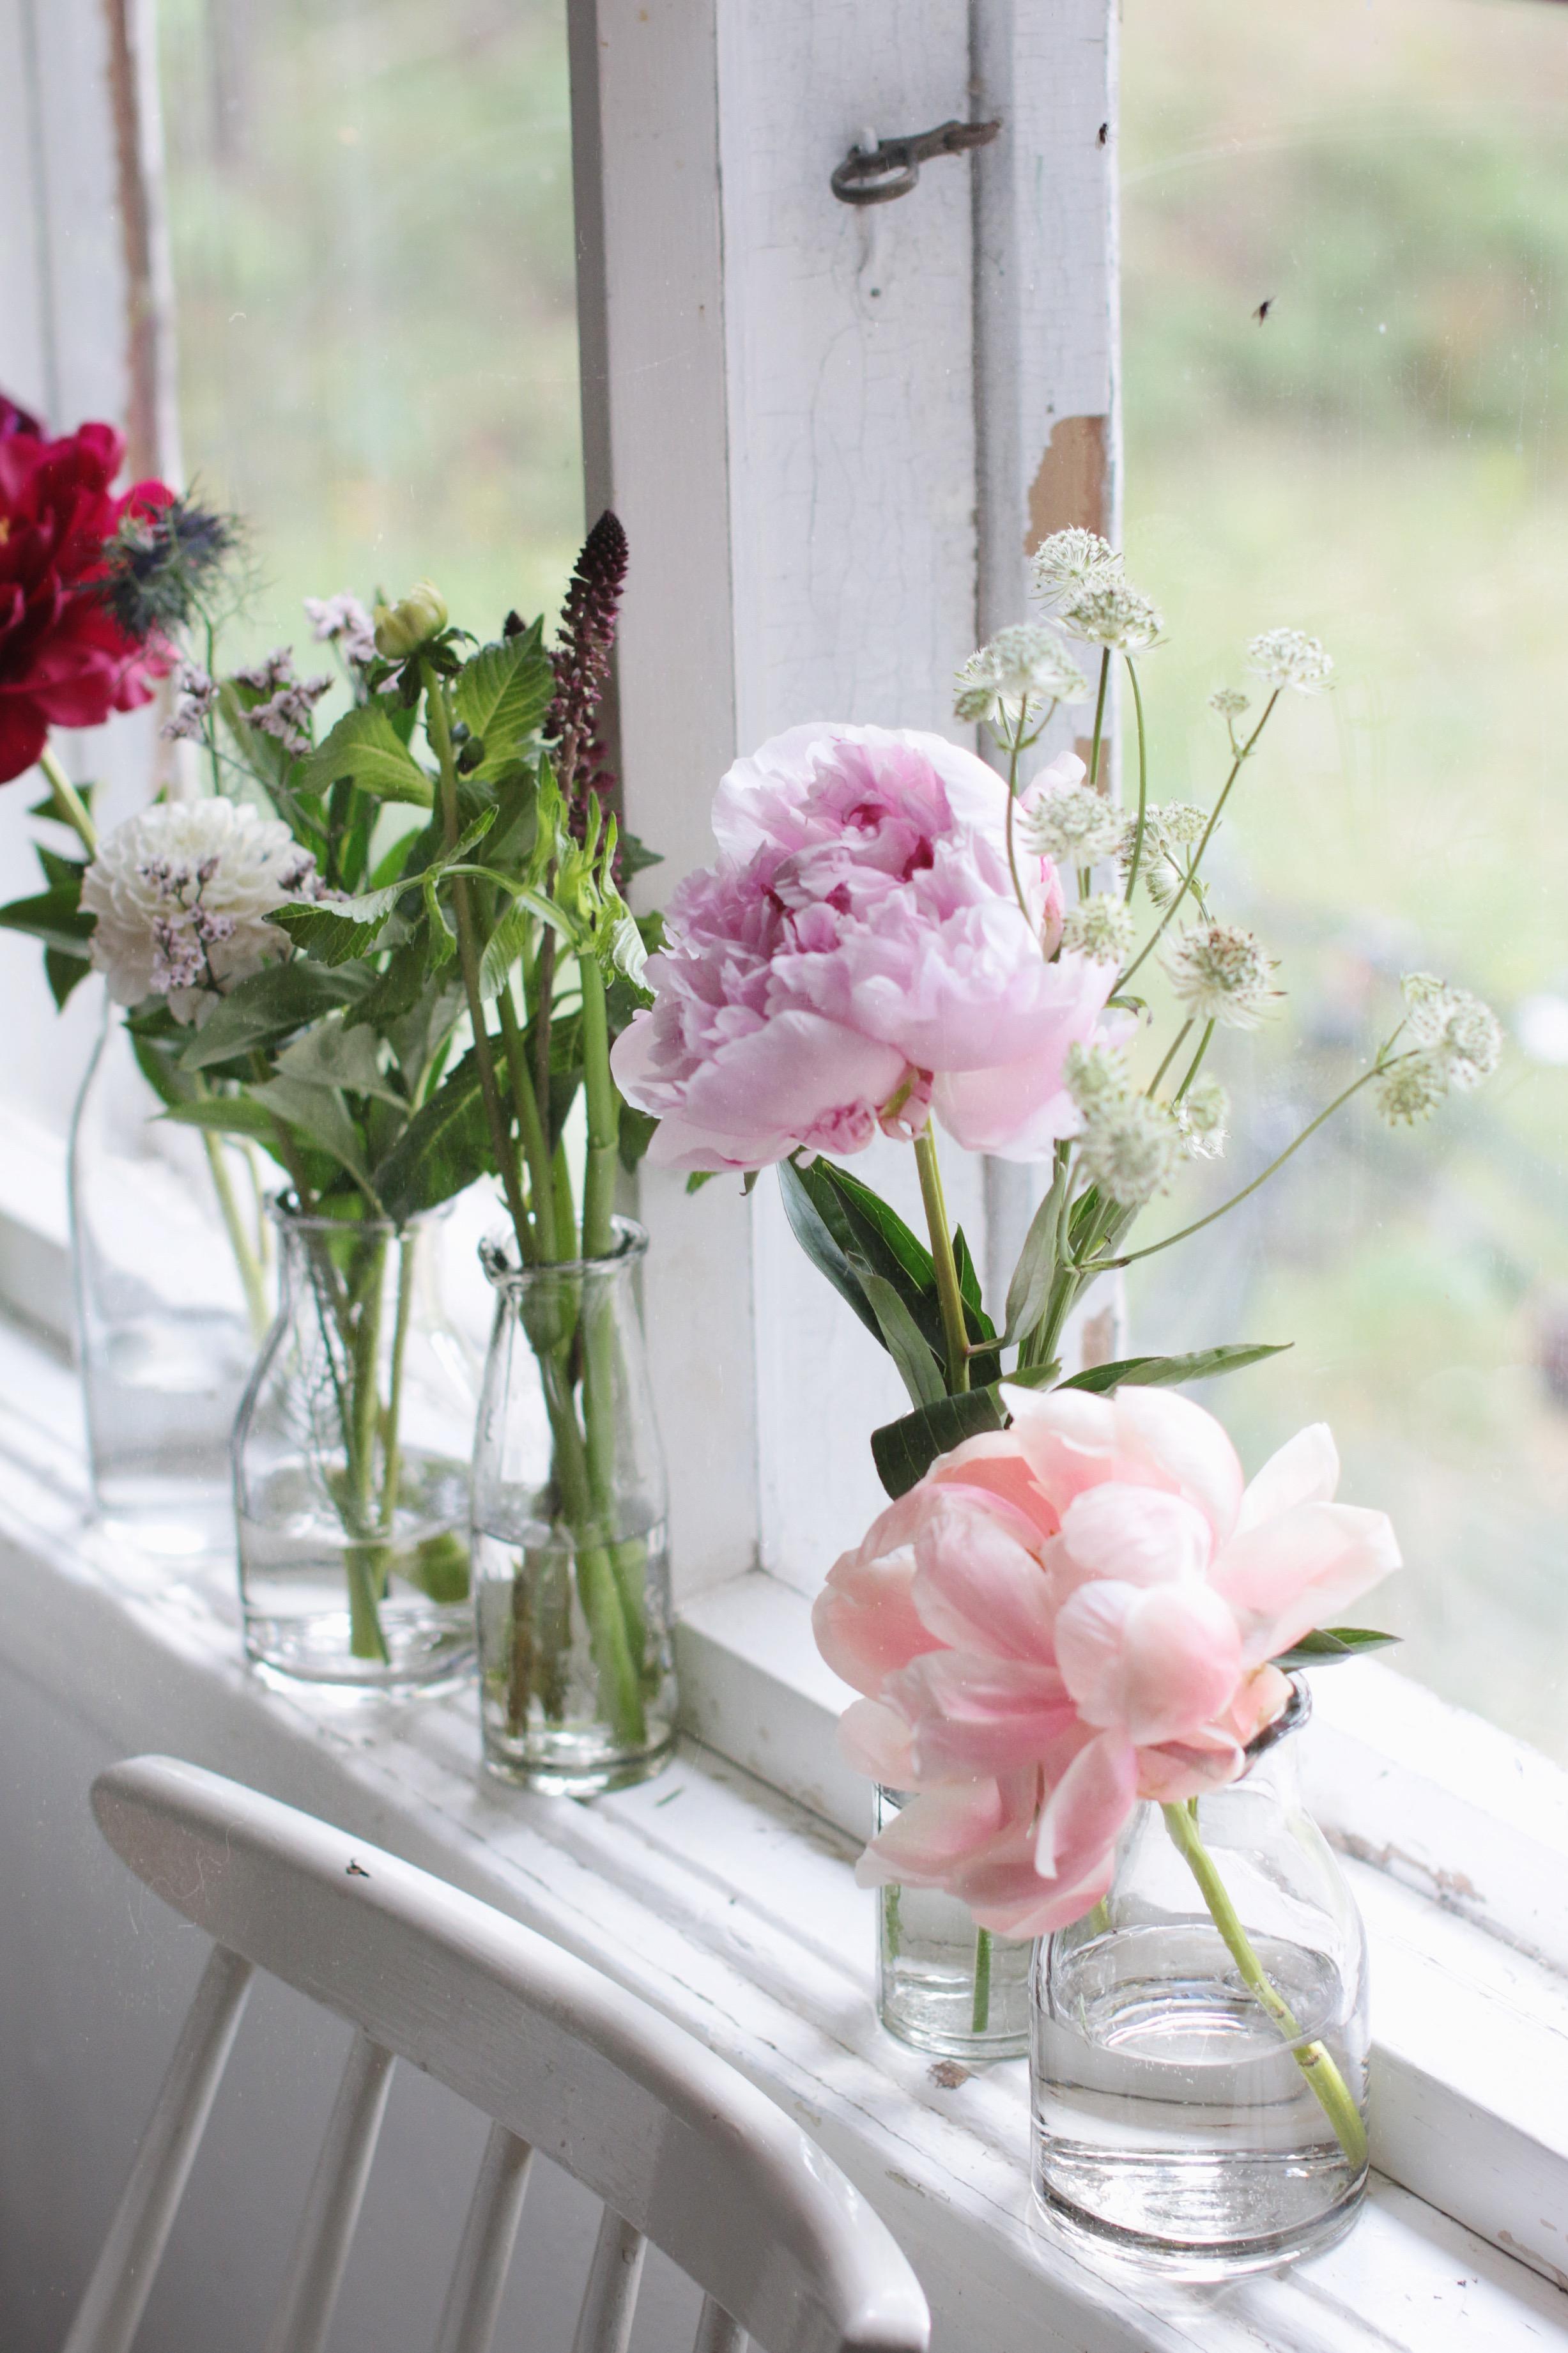 Pionia ja muita kesäkukkia rennossa kukka-asetelmassa